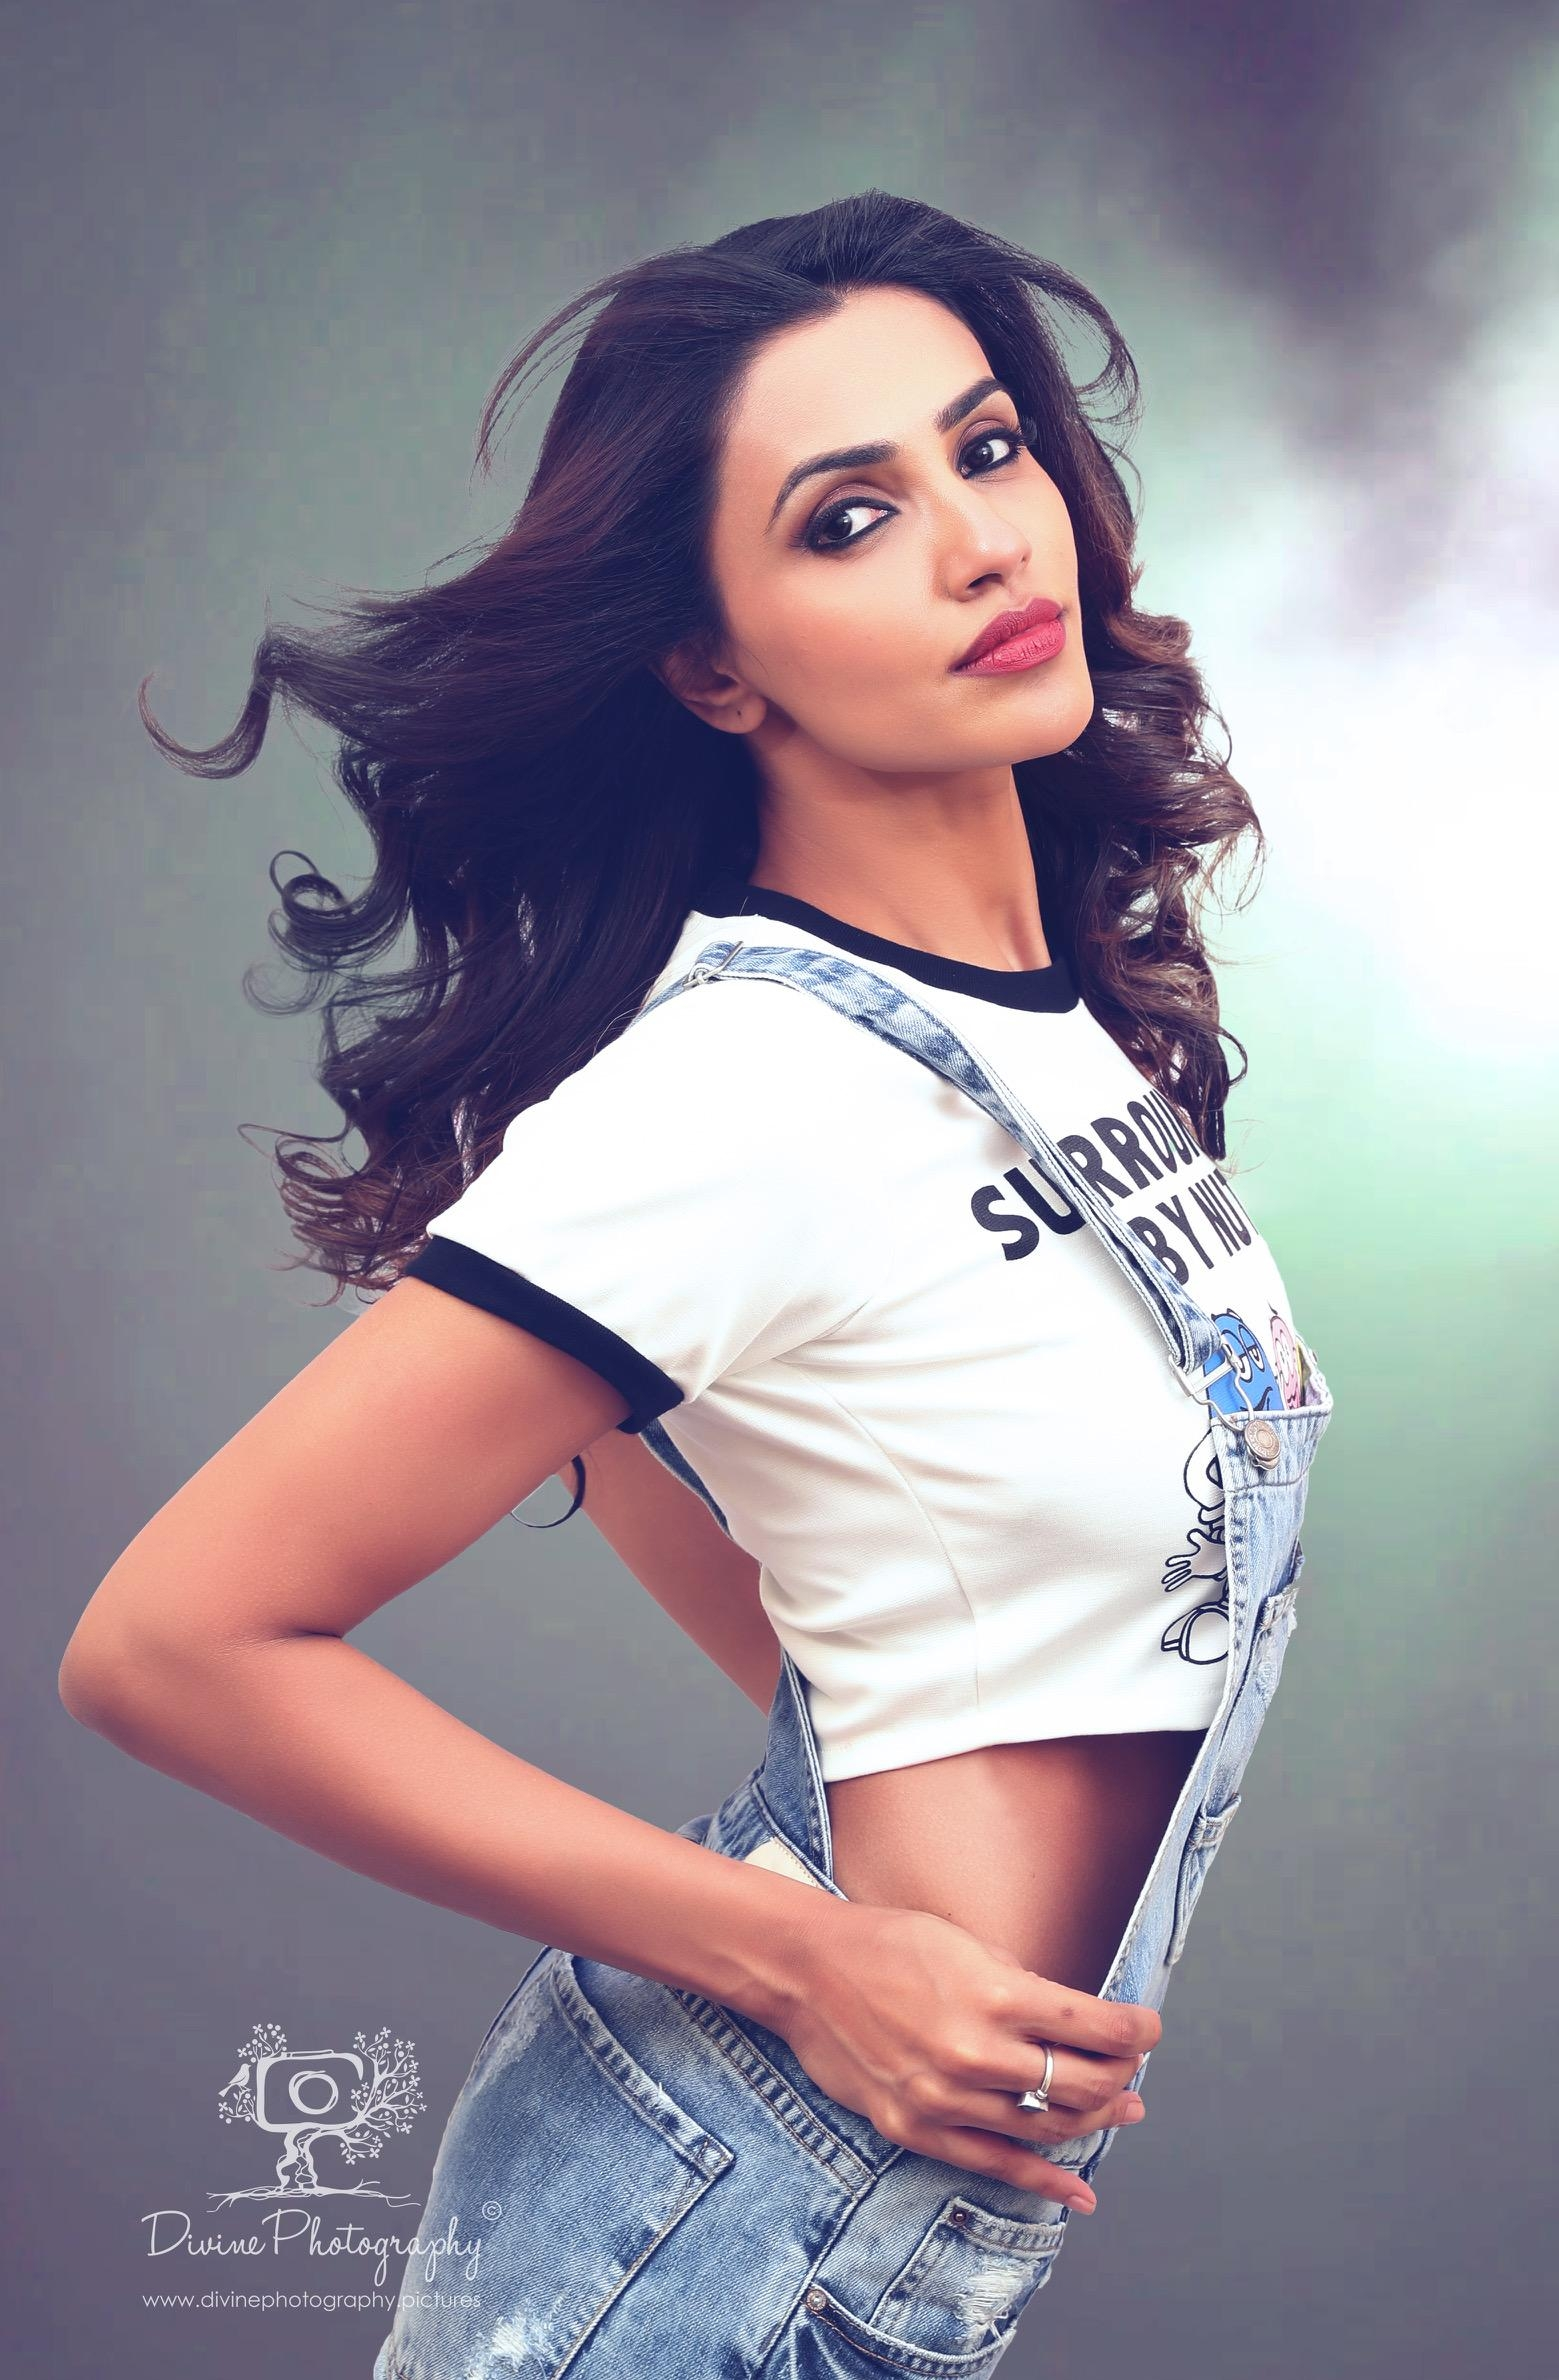 நடிகை அக்ஷரா கவுடா